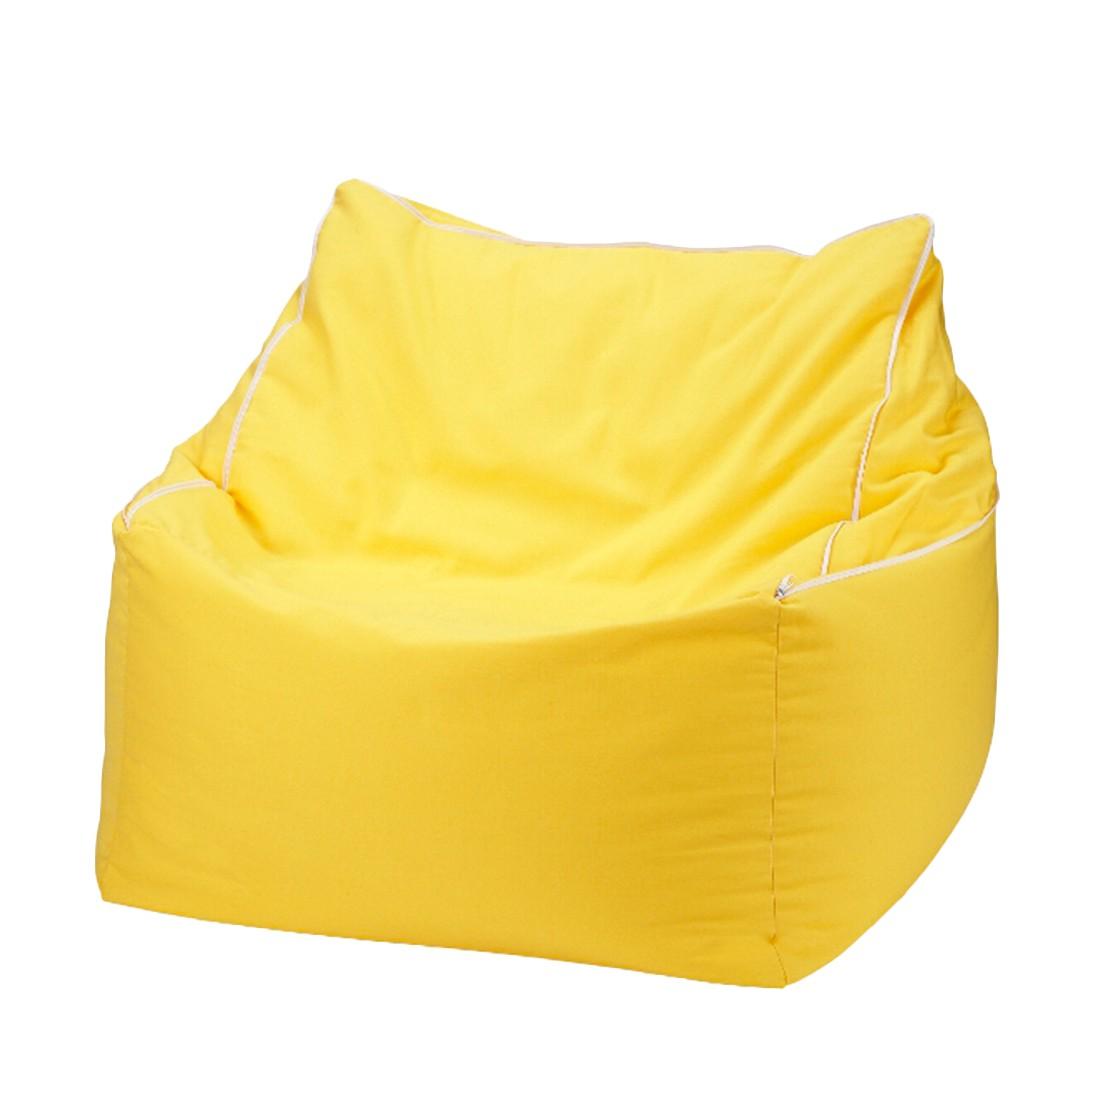 Sitzwürfel 2 in 1Baumwolle impräg. Gelb – 50 x 50 cm, KC-Handel günstig bestellen